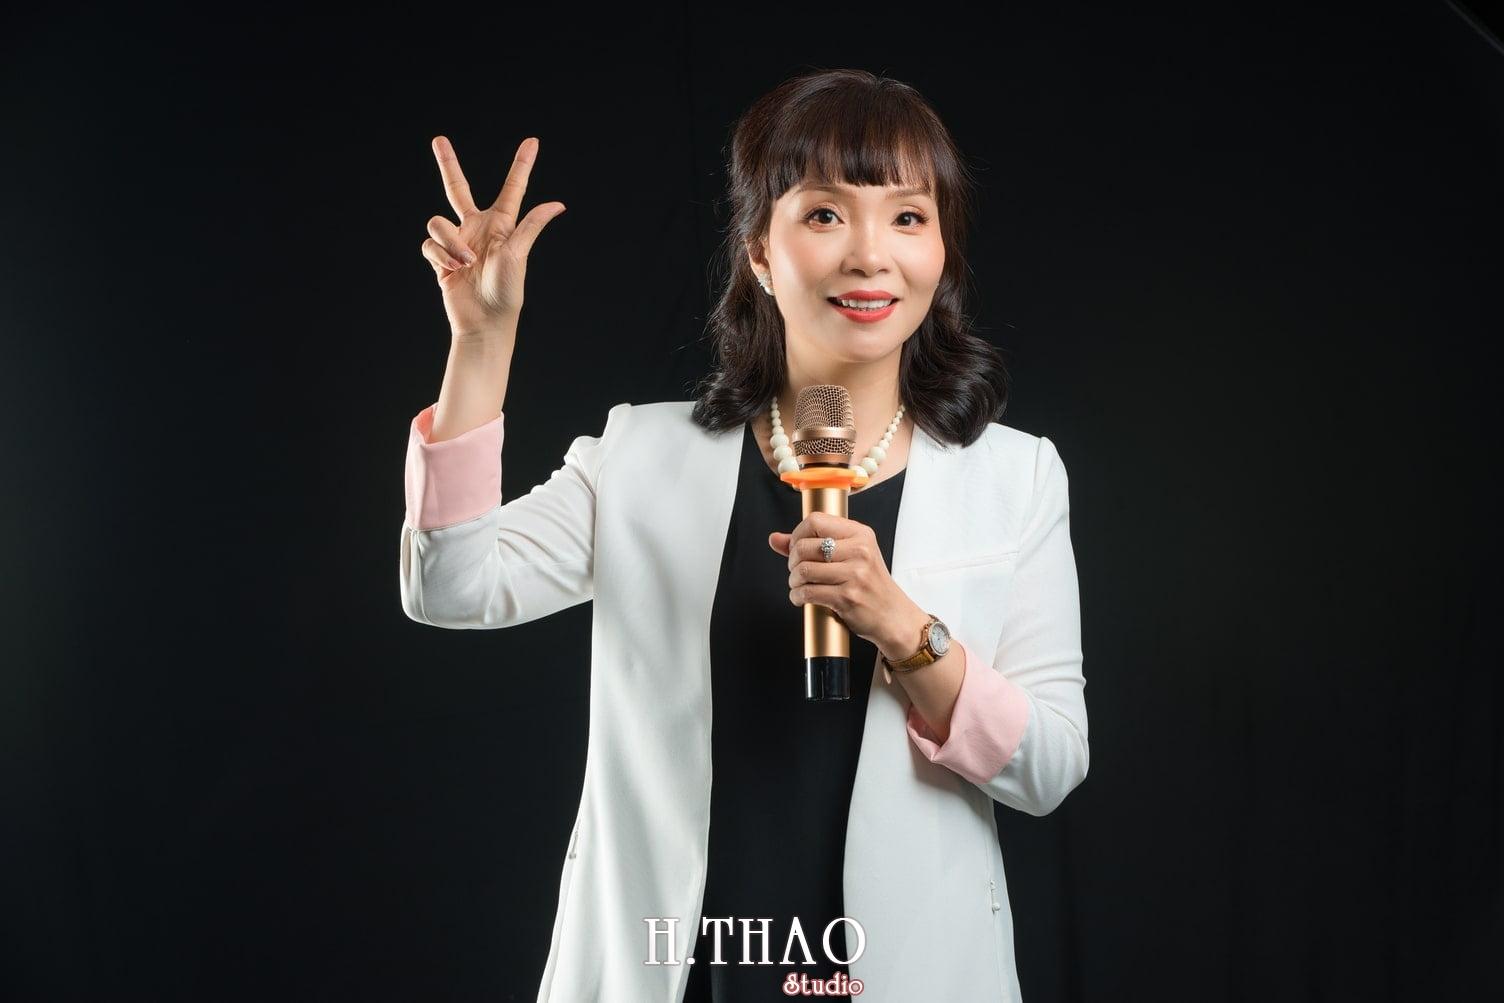 Chi Quynh 7 - Bộ ảnh Doanh nhân, Tiến sĩ V.T.B Quỳnh đẹp, sang trọng - HThao Studio